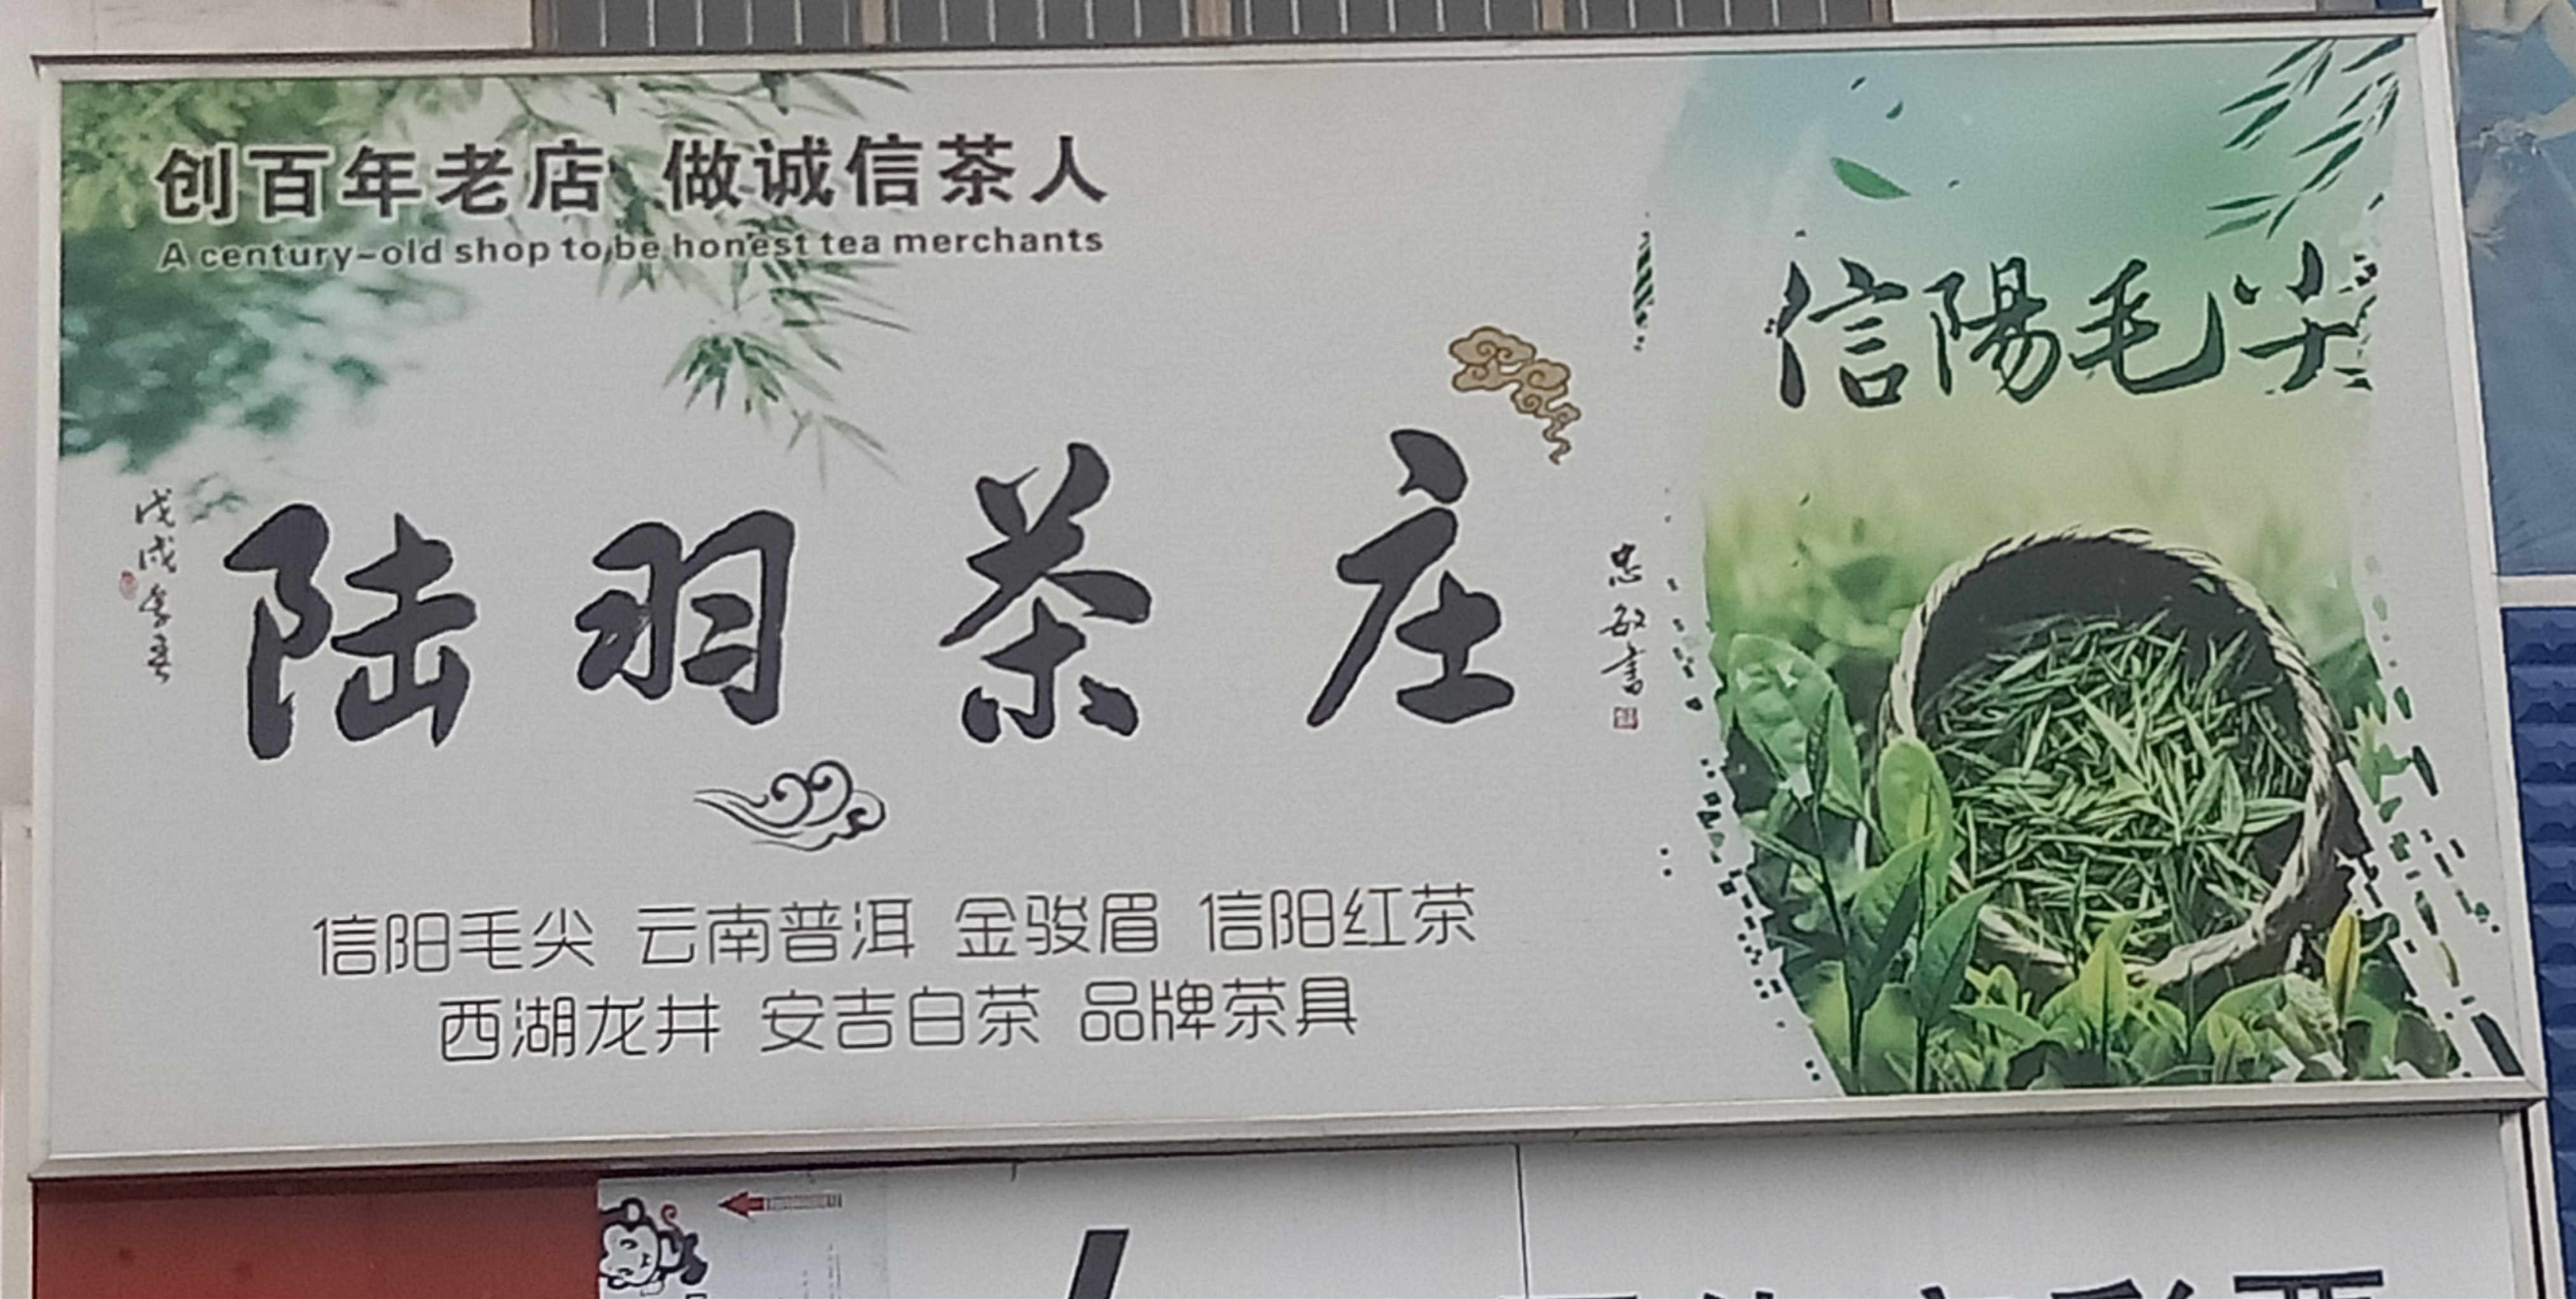 创业老板陆羽茶庄